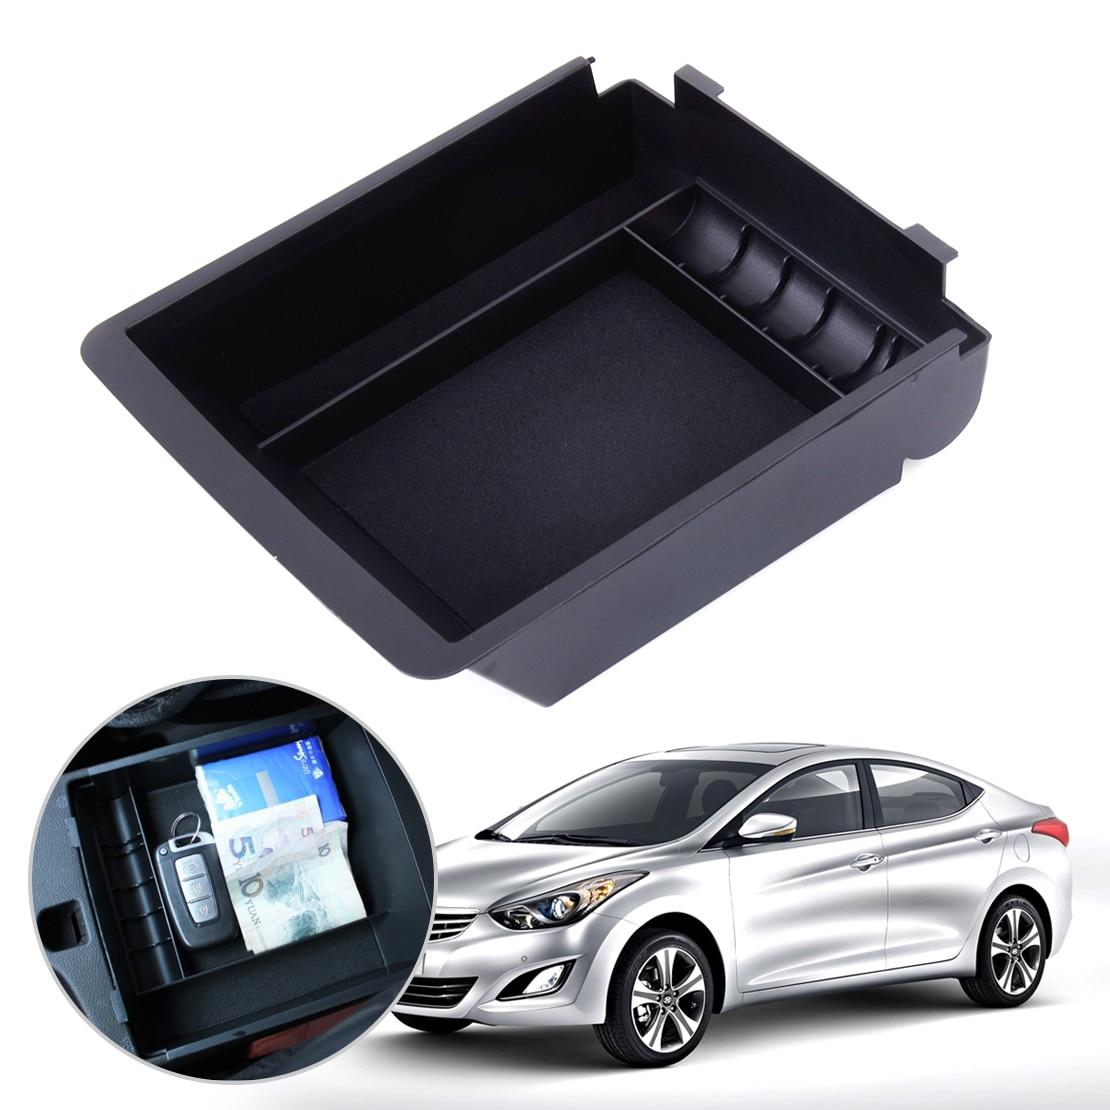 DWCX Voiture ABS En Plastique Center Console Accoudoir Boîte De Rangement Bac de Palettes pour Hyundai Elantra (MD) 2011 2012 2013 2014 2015